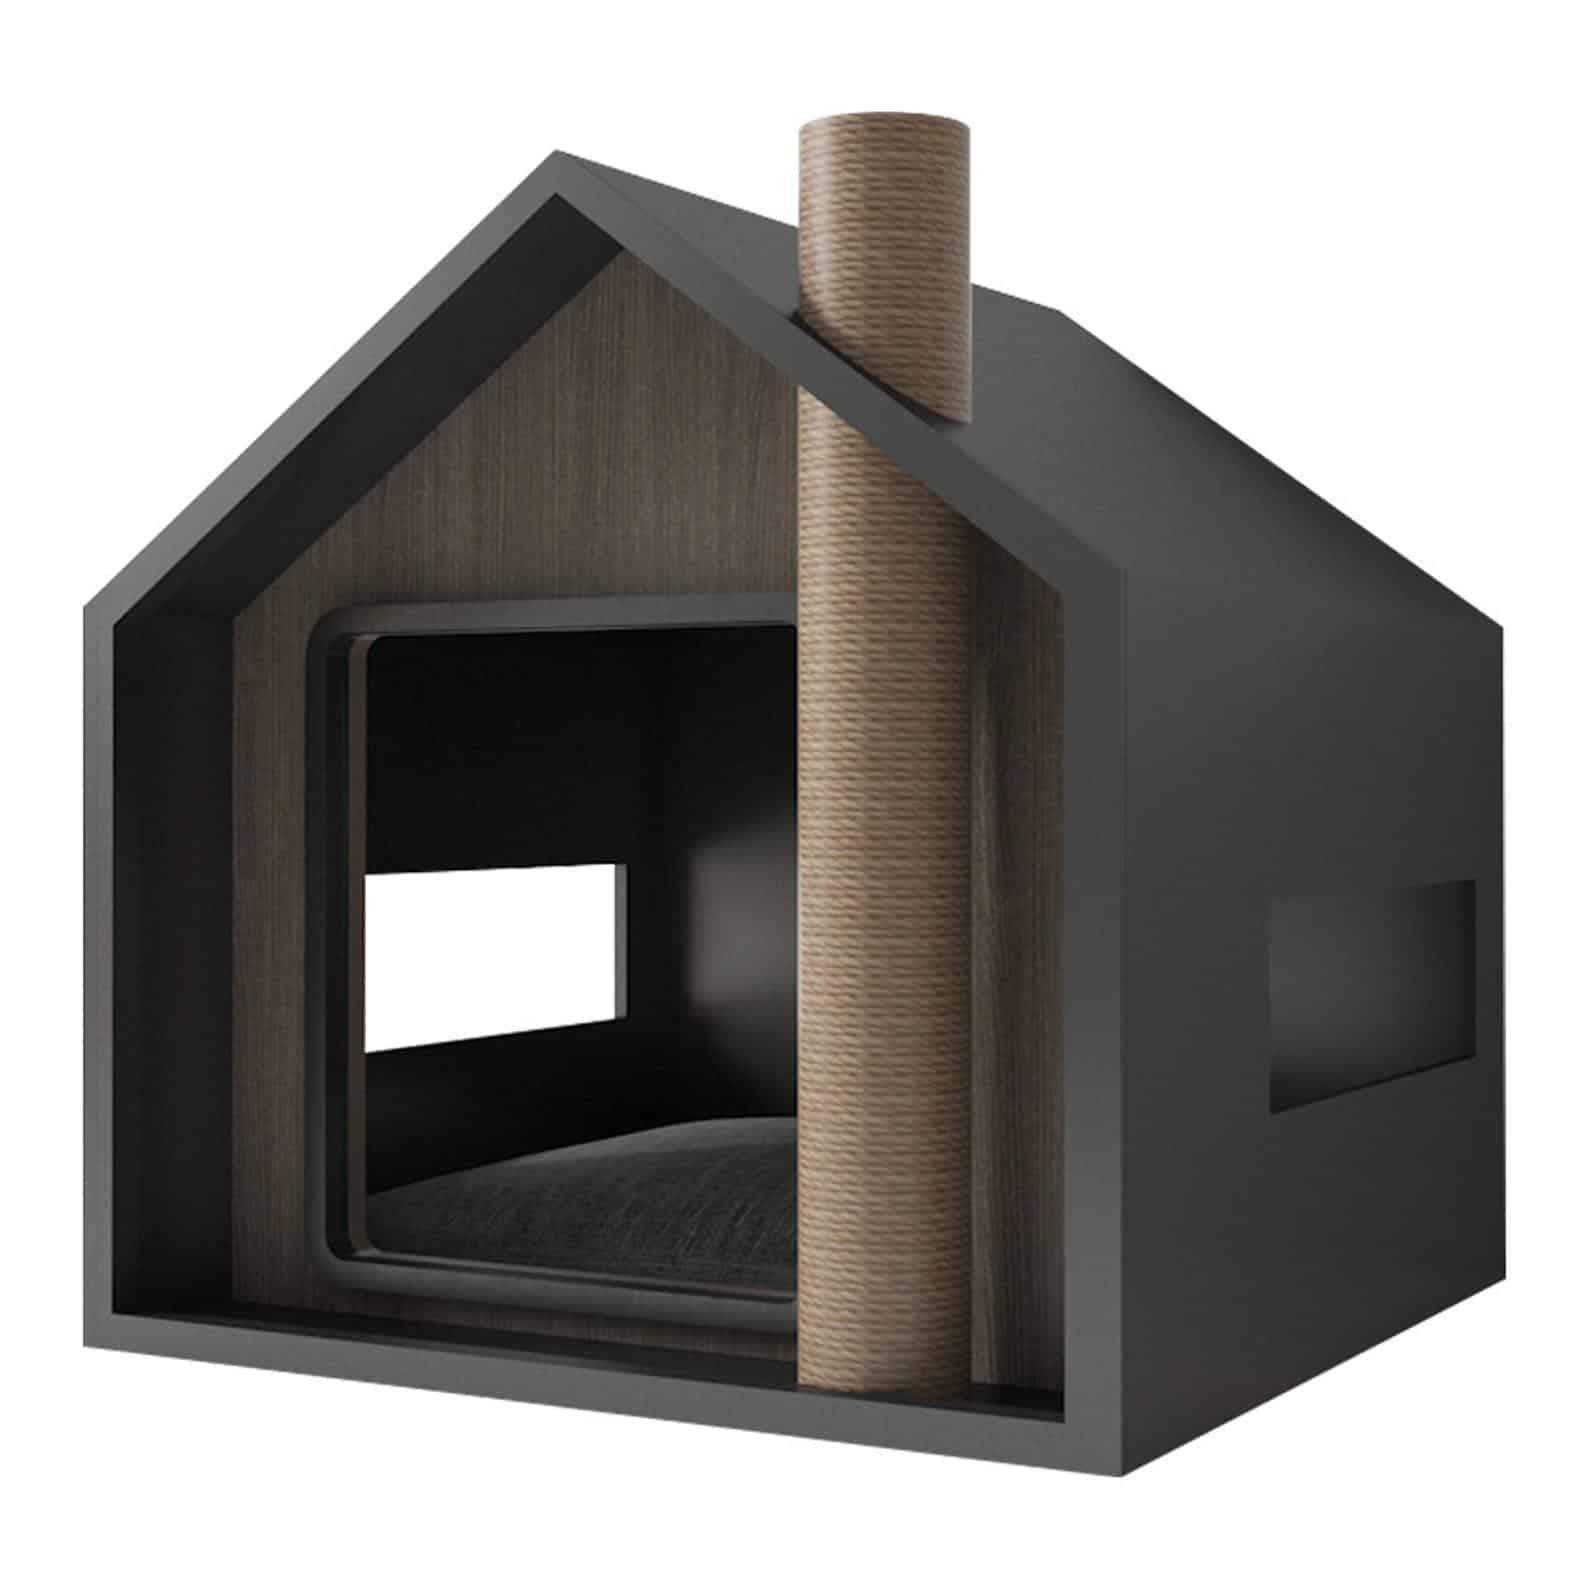 maison niche toit triangulaire cheminee griffoir